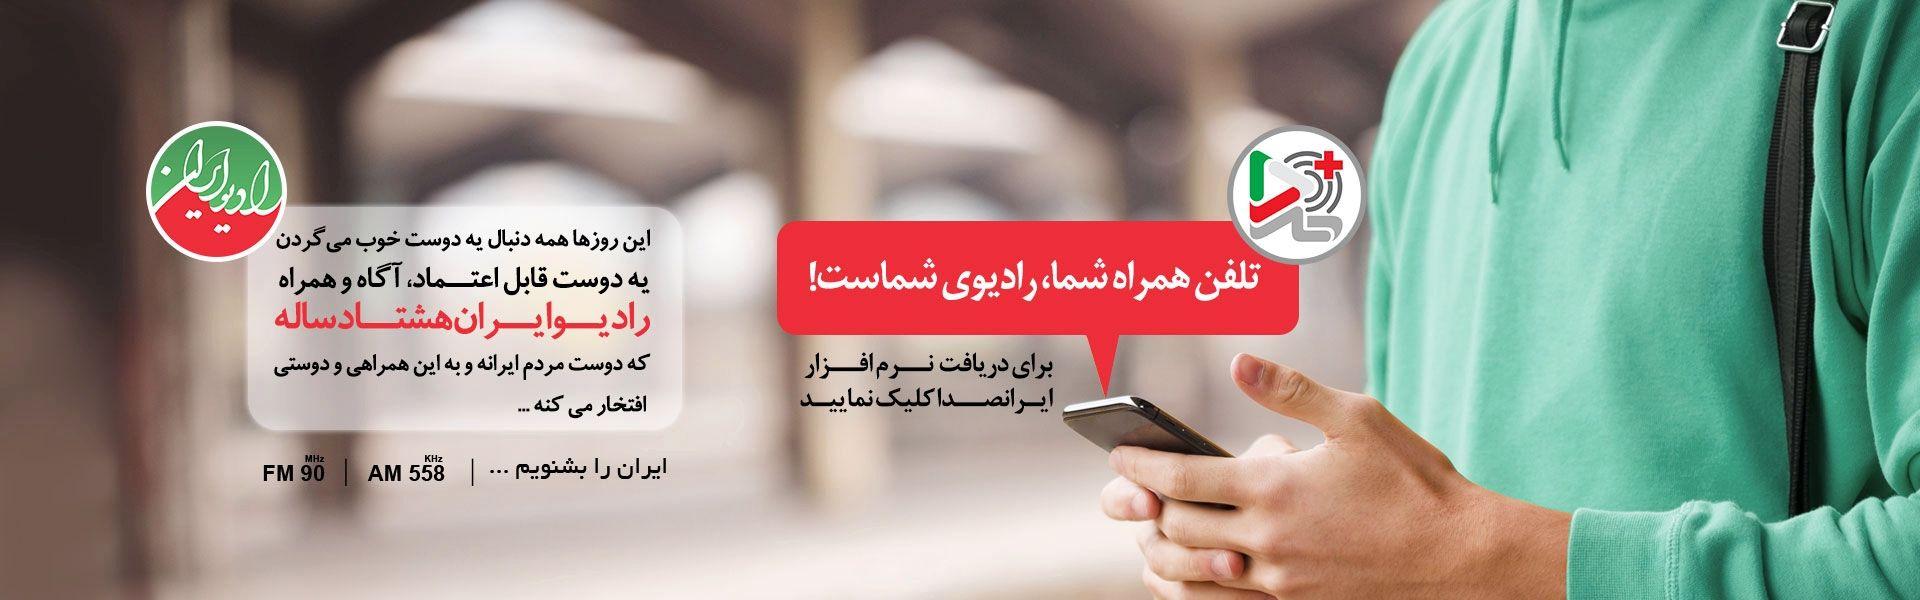 دانلود نرم افزار ایران صدا